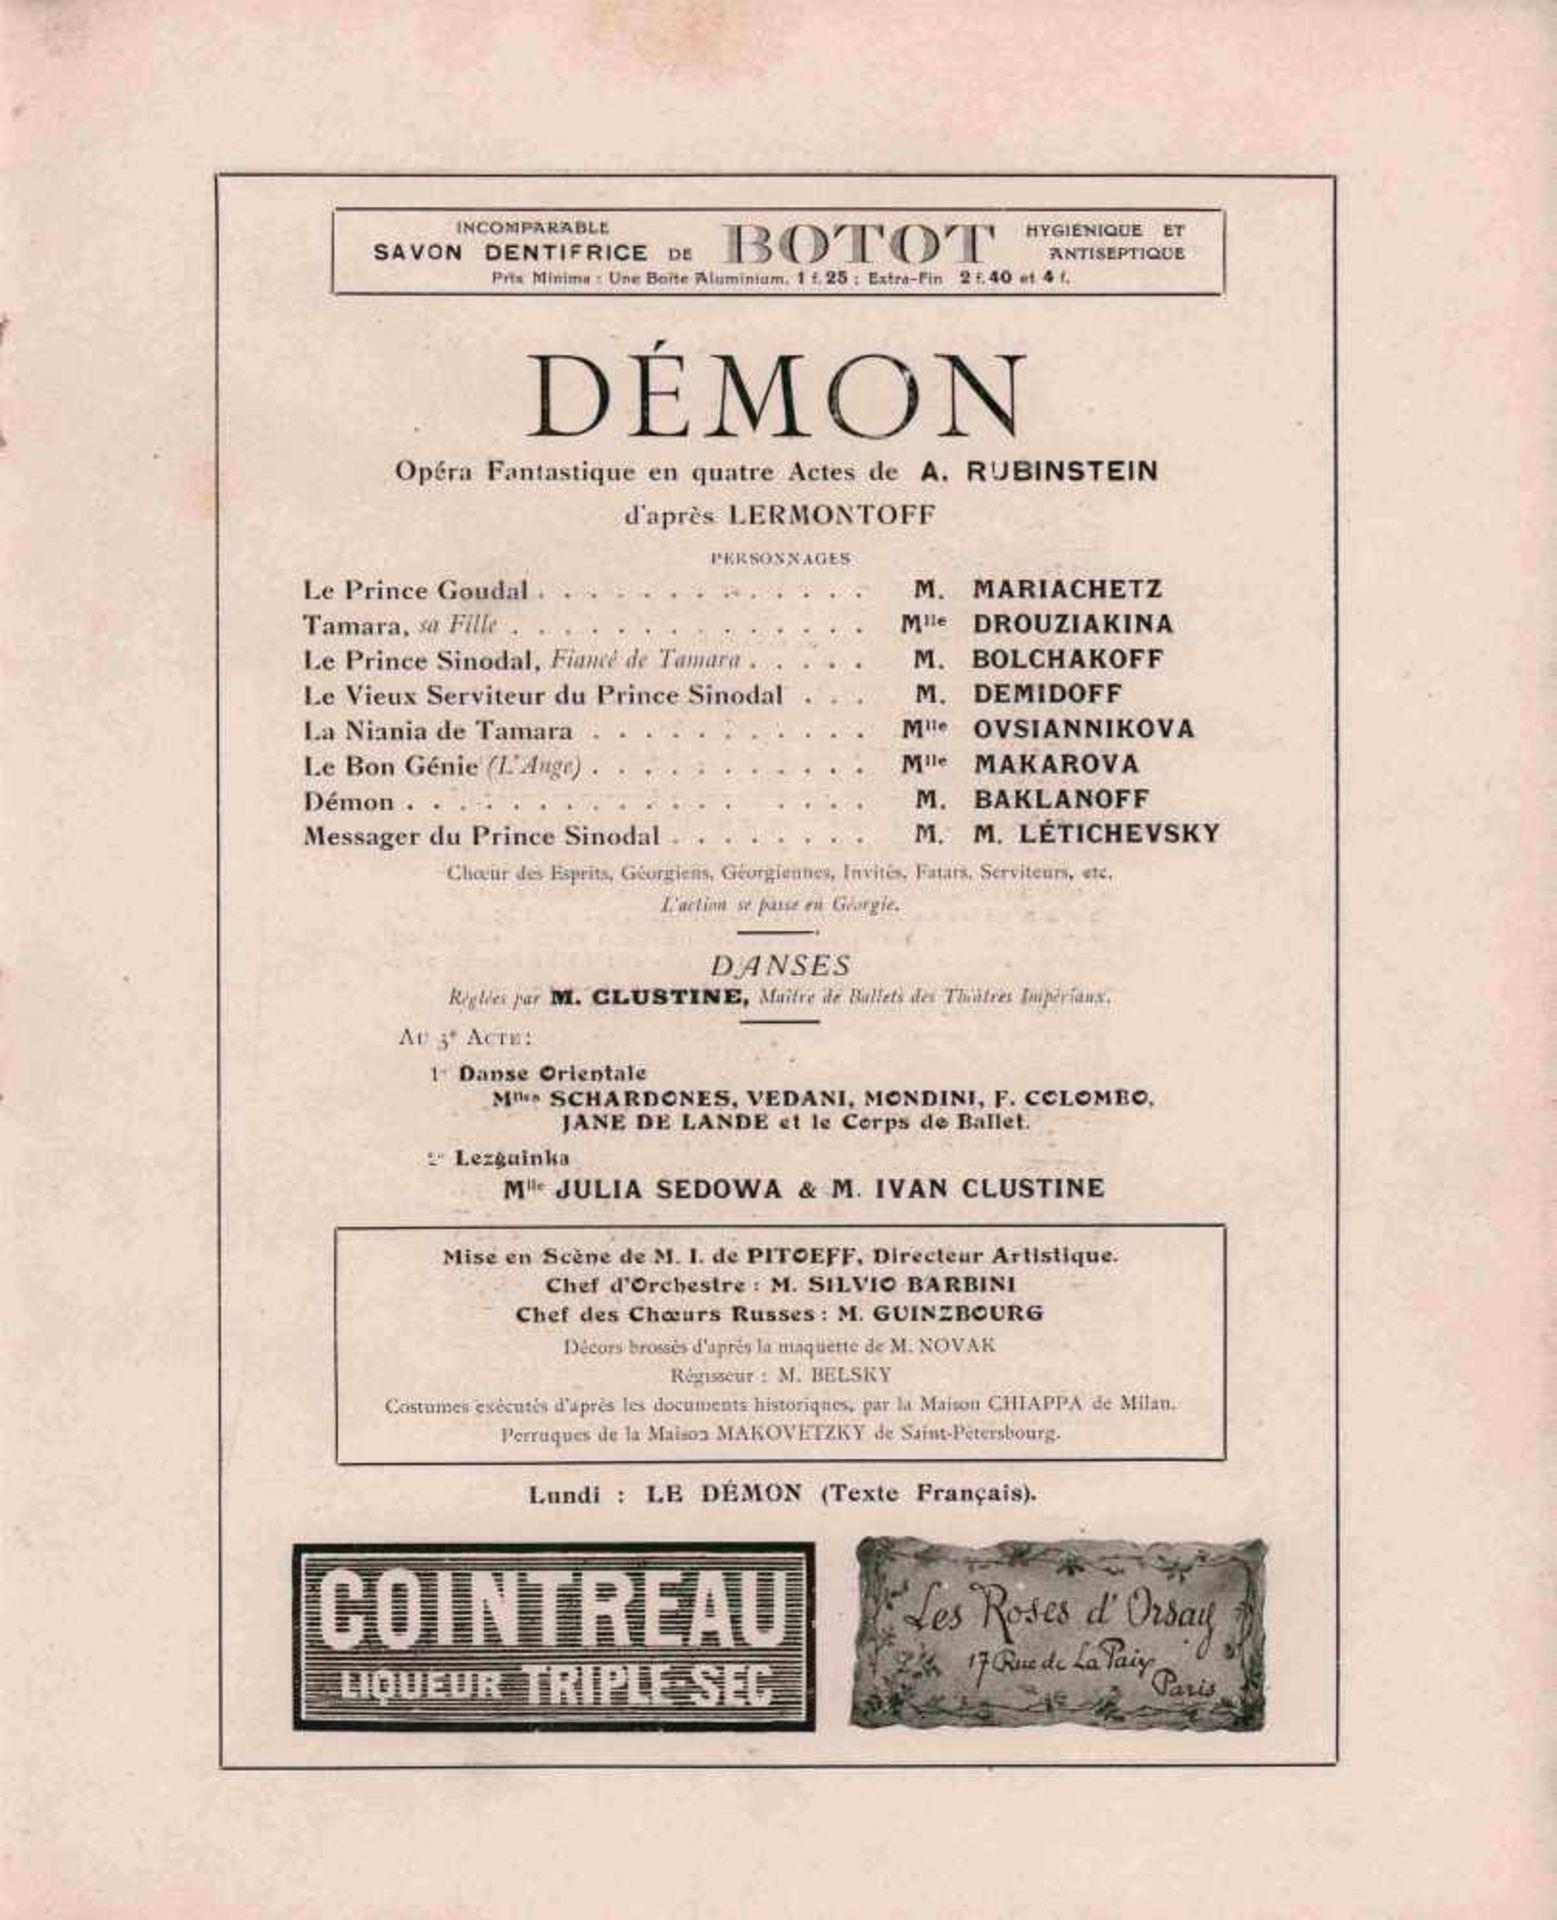 [BALLETS RUSSES, OPERA RUSSE, PORTALEZ] Große Russische Saison, Théâtre Sarah Bernardt, Paris, - Bild 2 aus 2